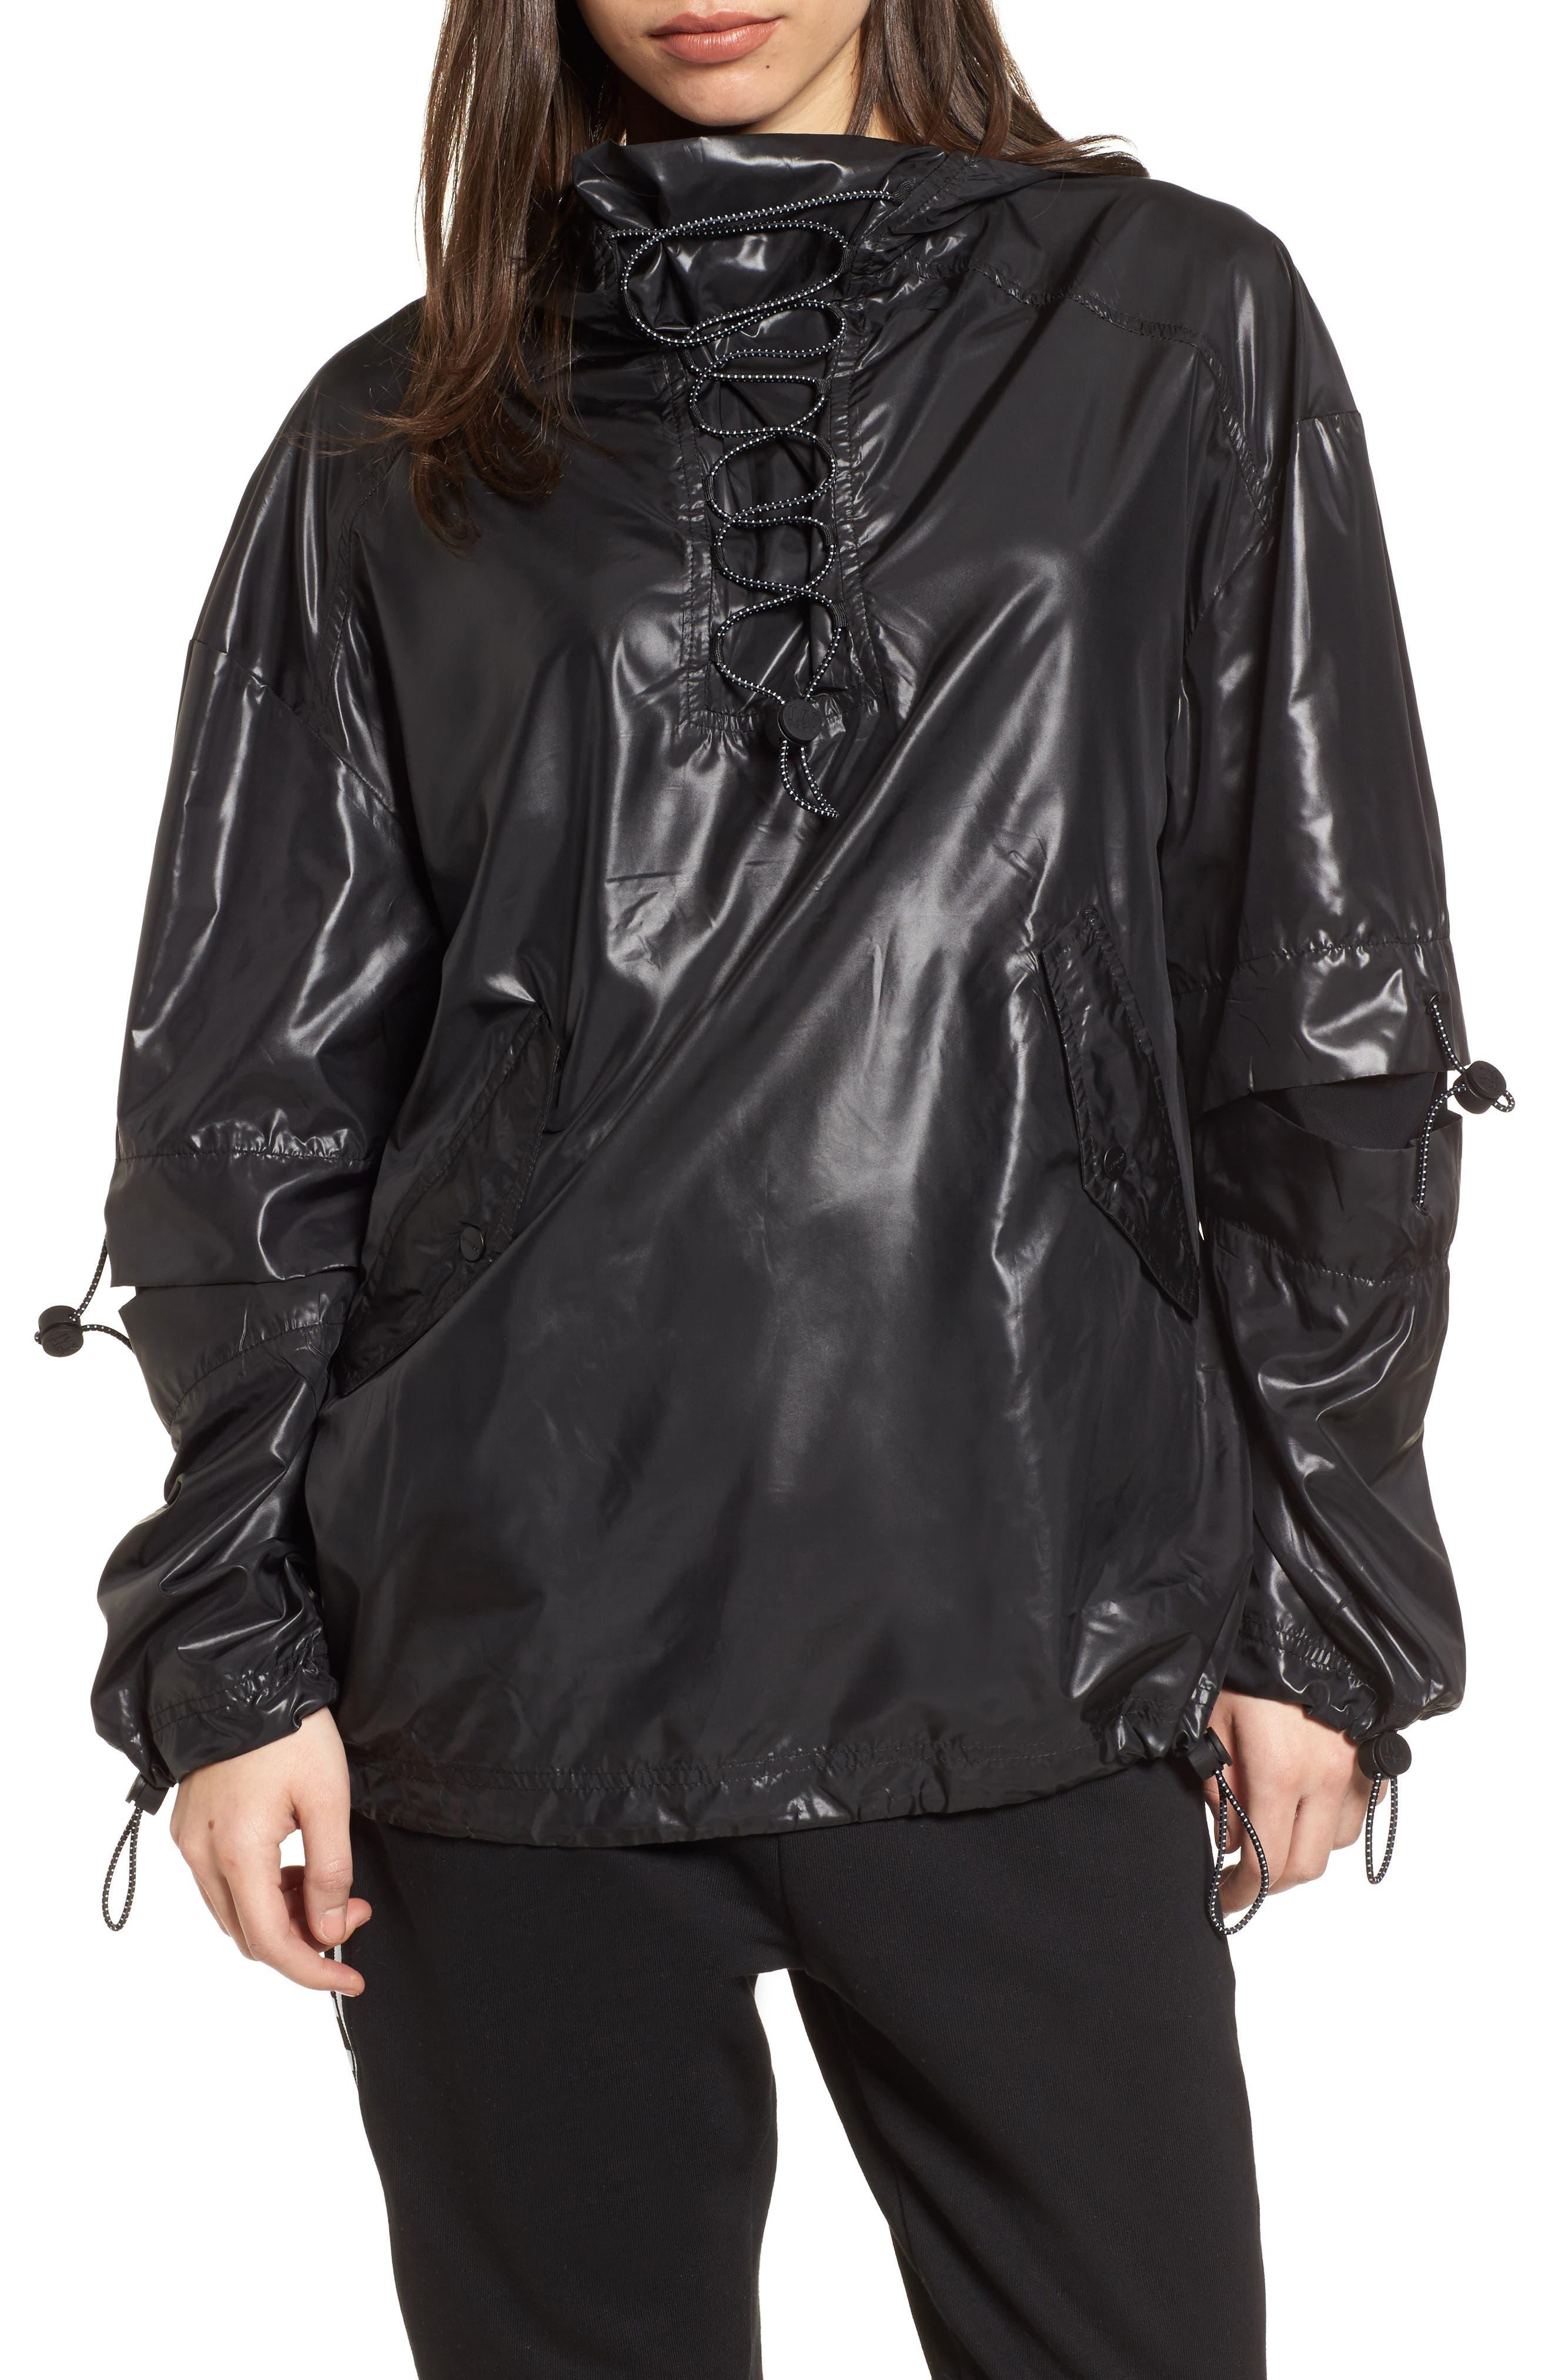 Main Image - IVY PARK® Hi Shine Lace-Up Jacket